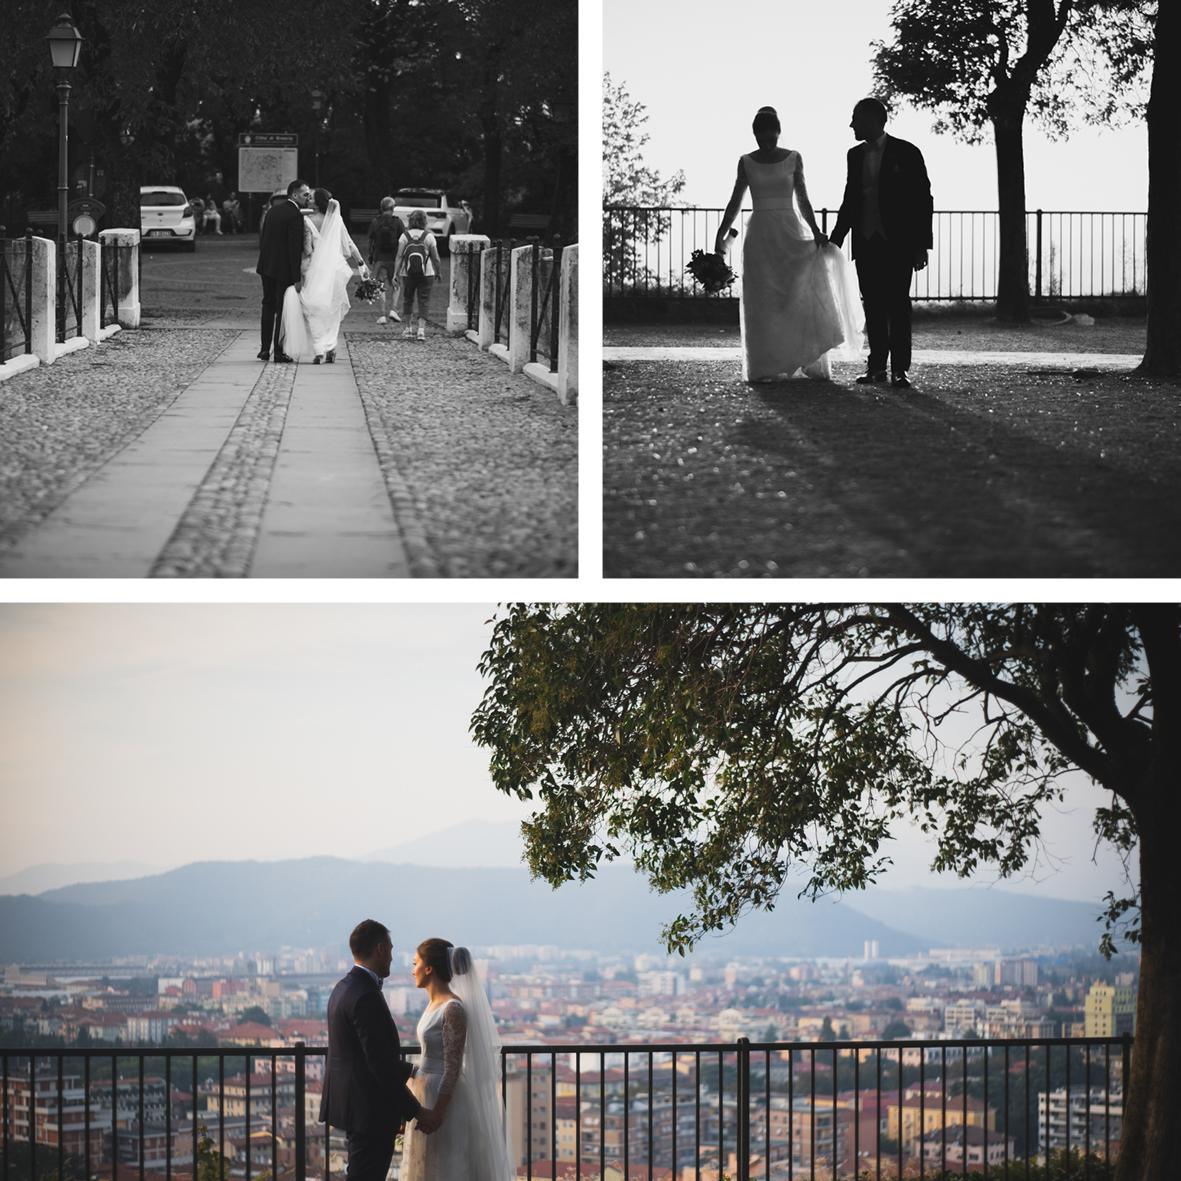 Fotografo matrimonio Brescia reportage di matrimonio Federico Rongaroli22